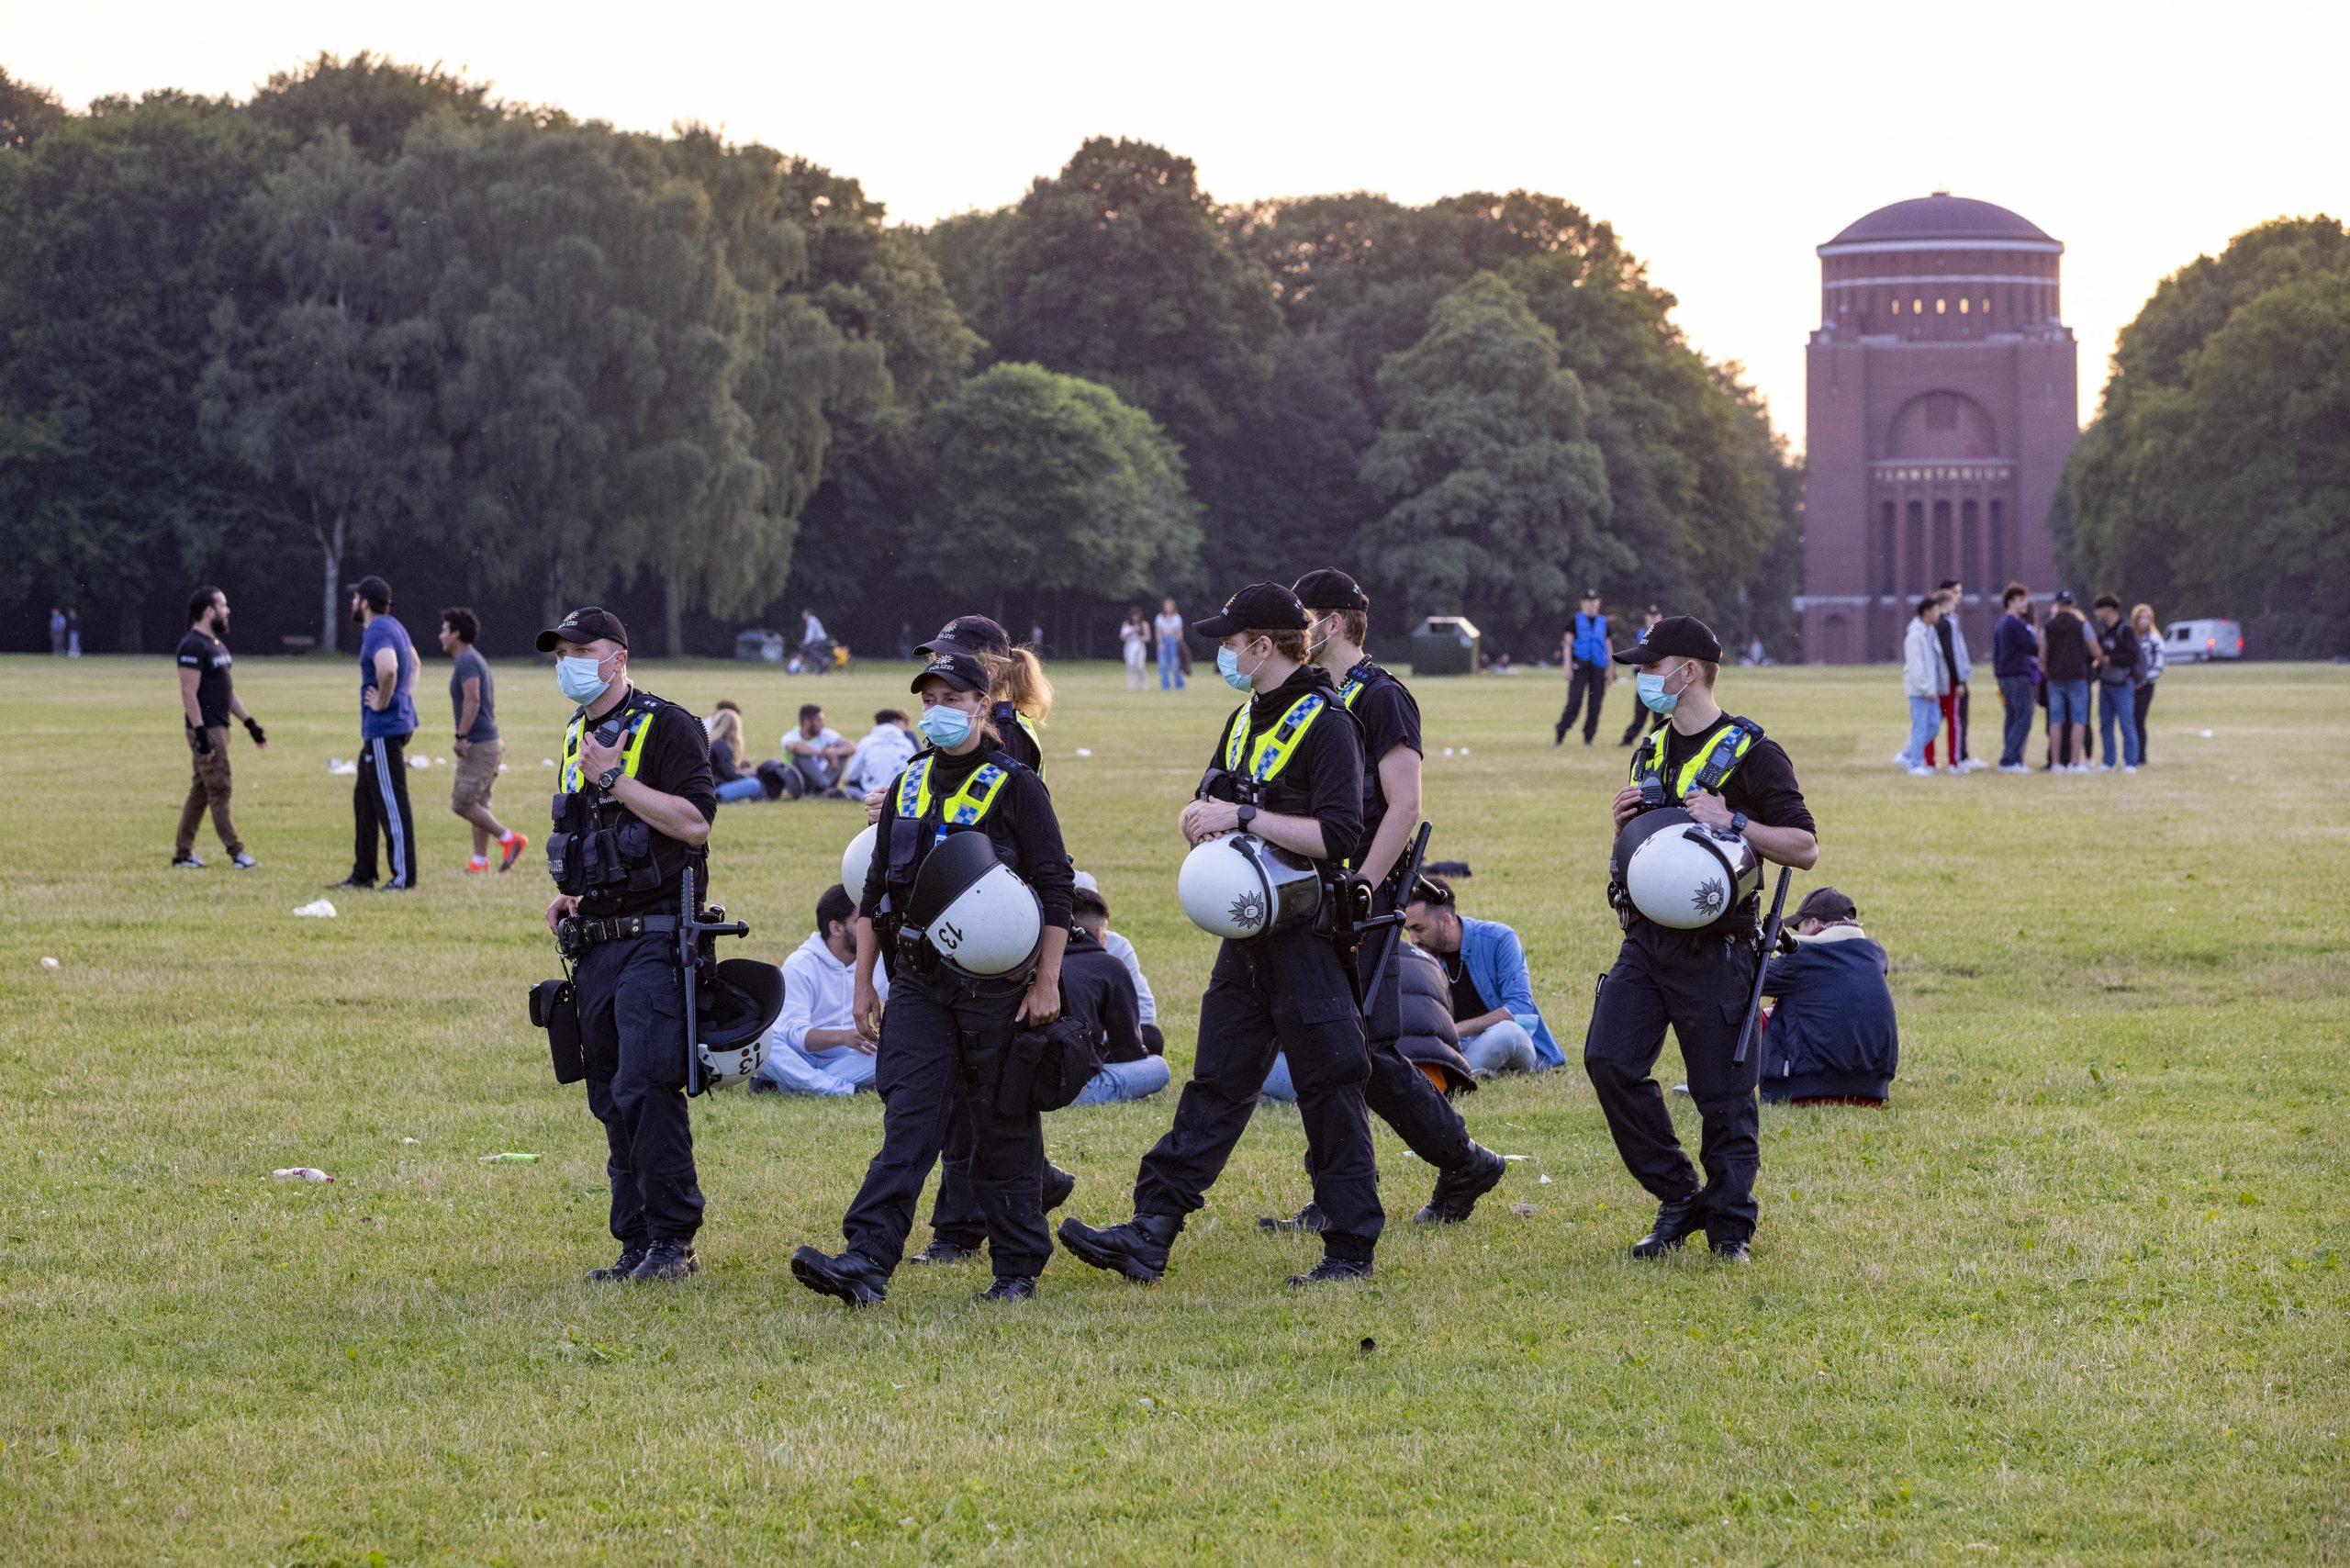 Die Einsatzkräfte haben die Besucher:innen auf der Wiese im Blick.